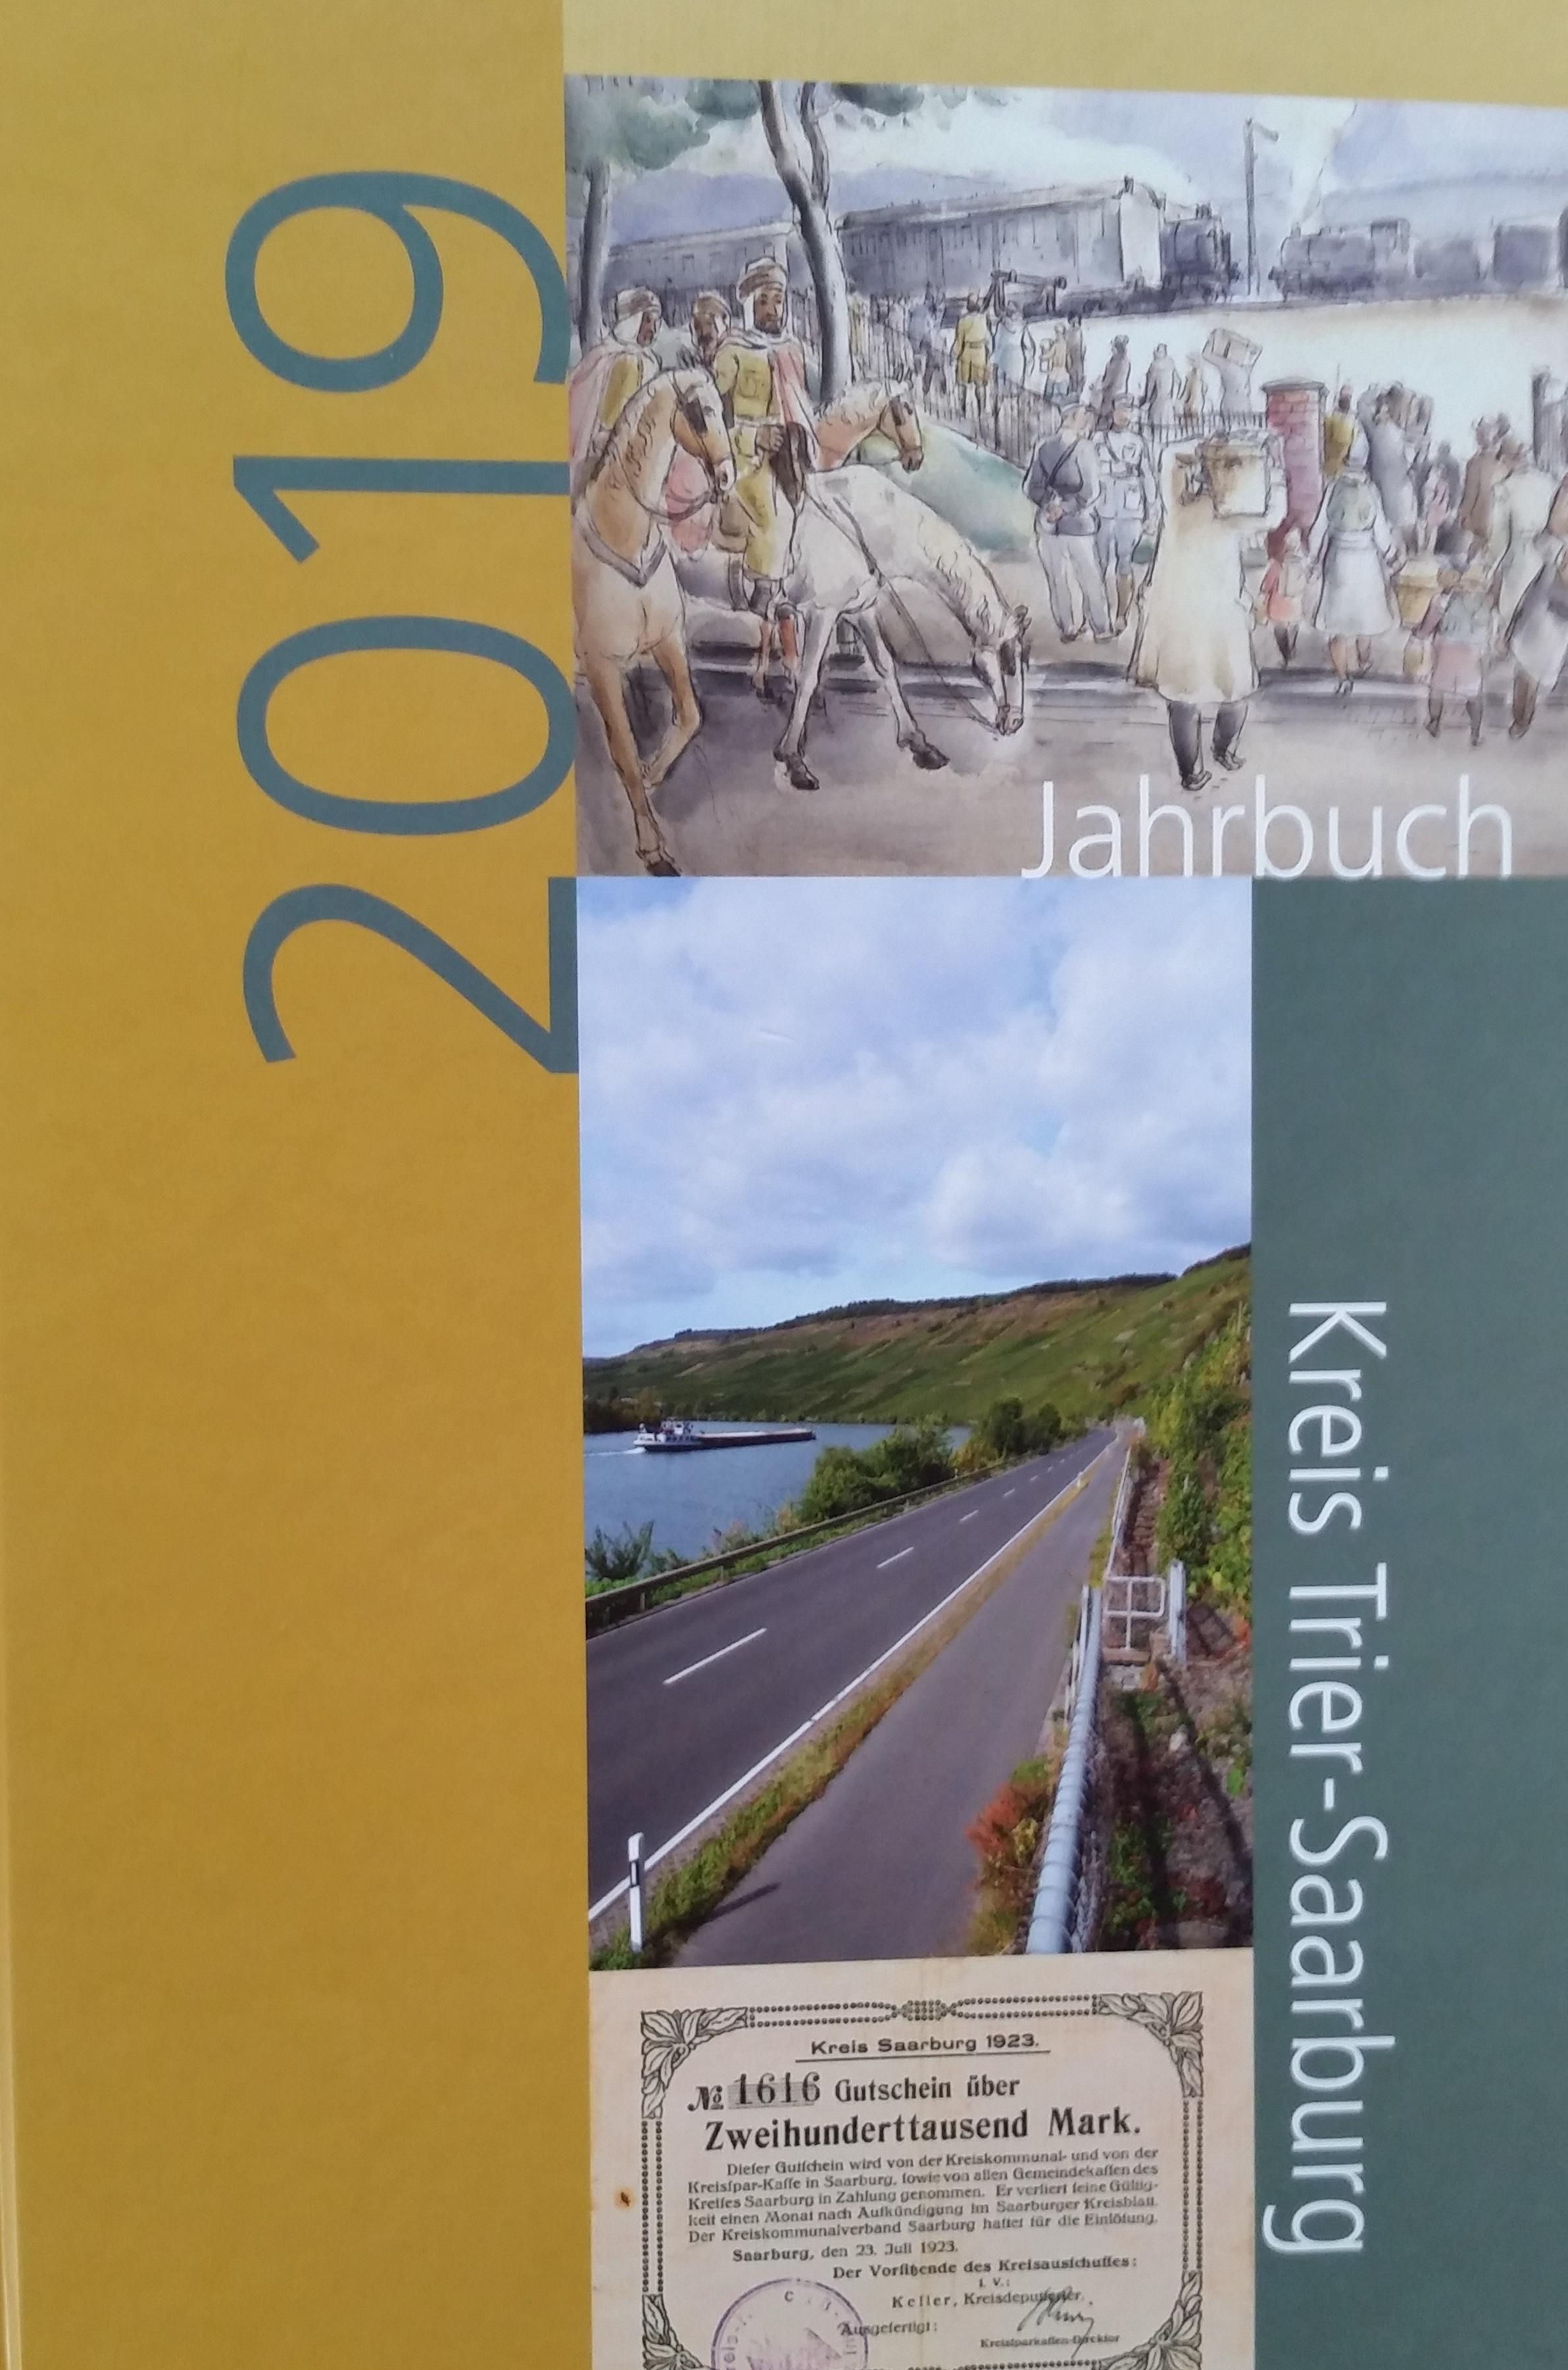 Jahrbuch 2019 Kreis Trier-Saarburg Bucheinband vorne